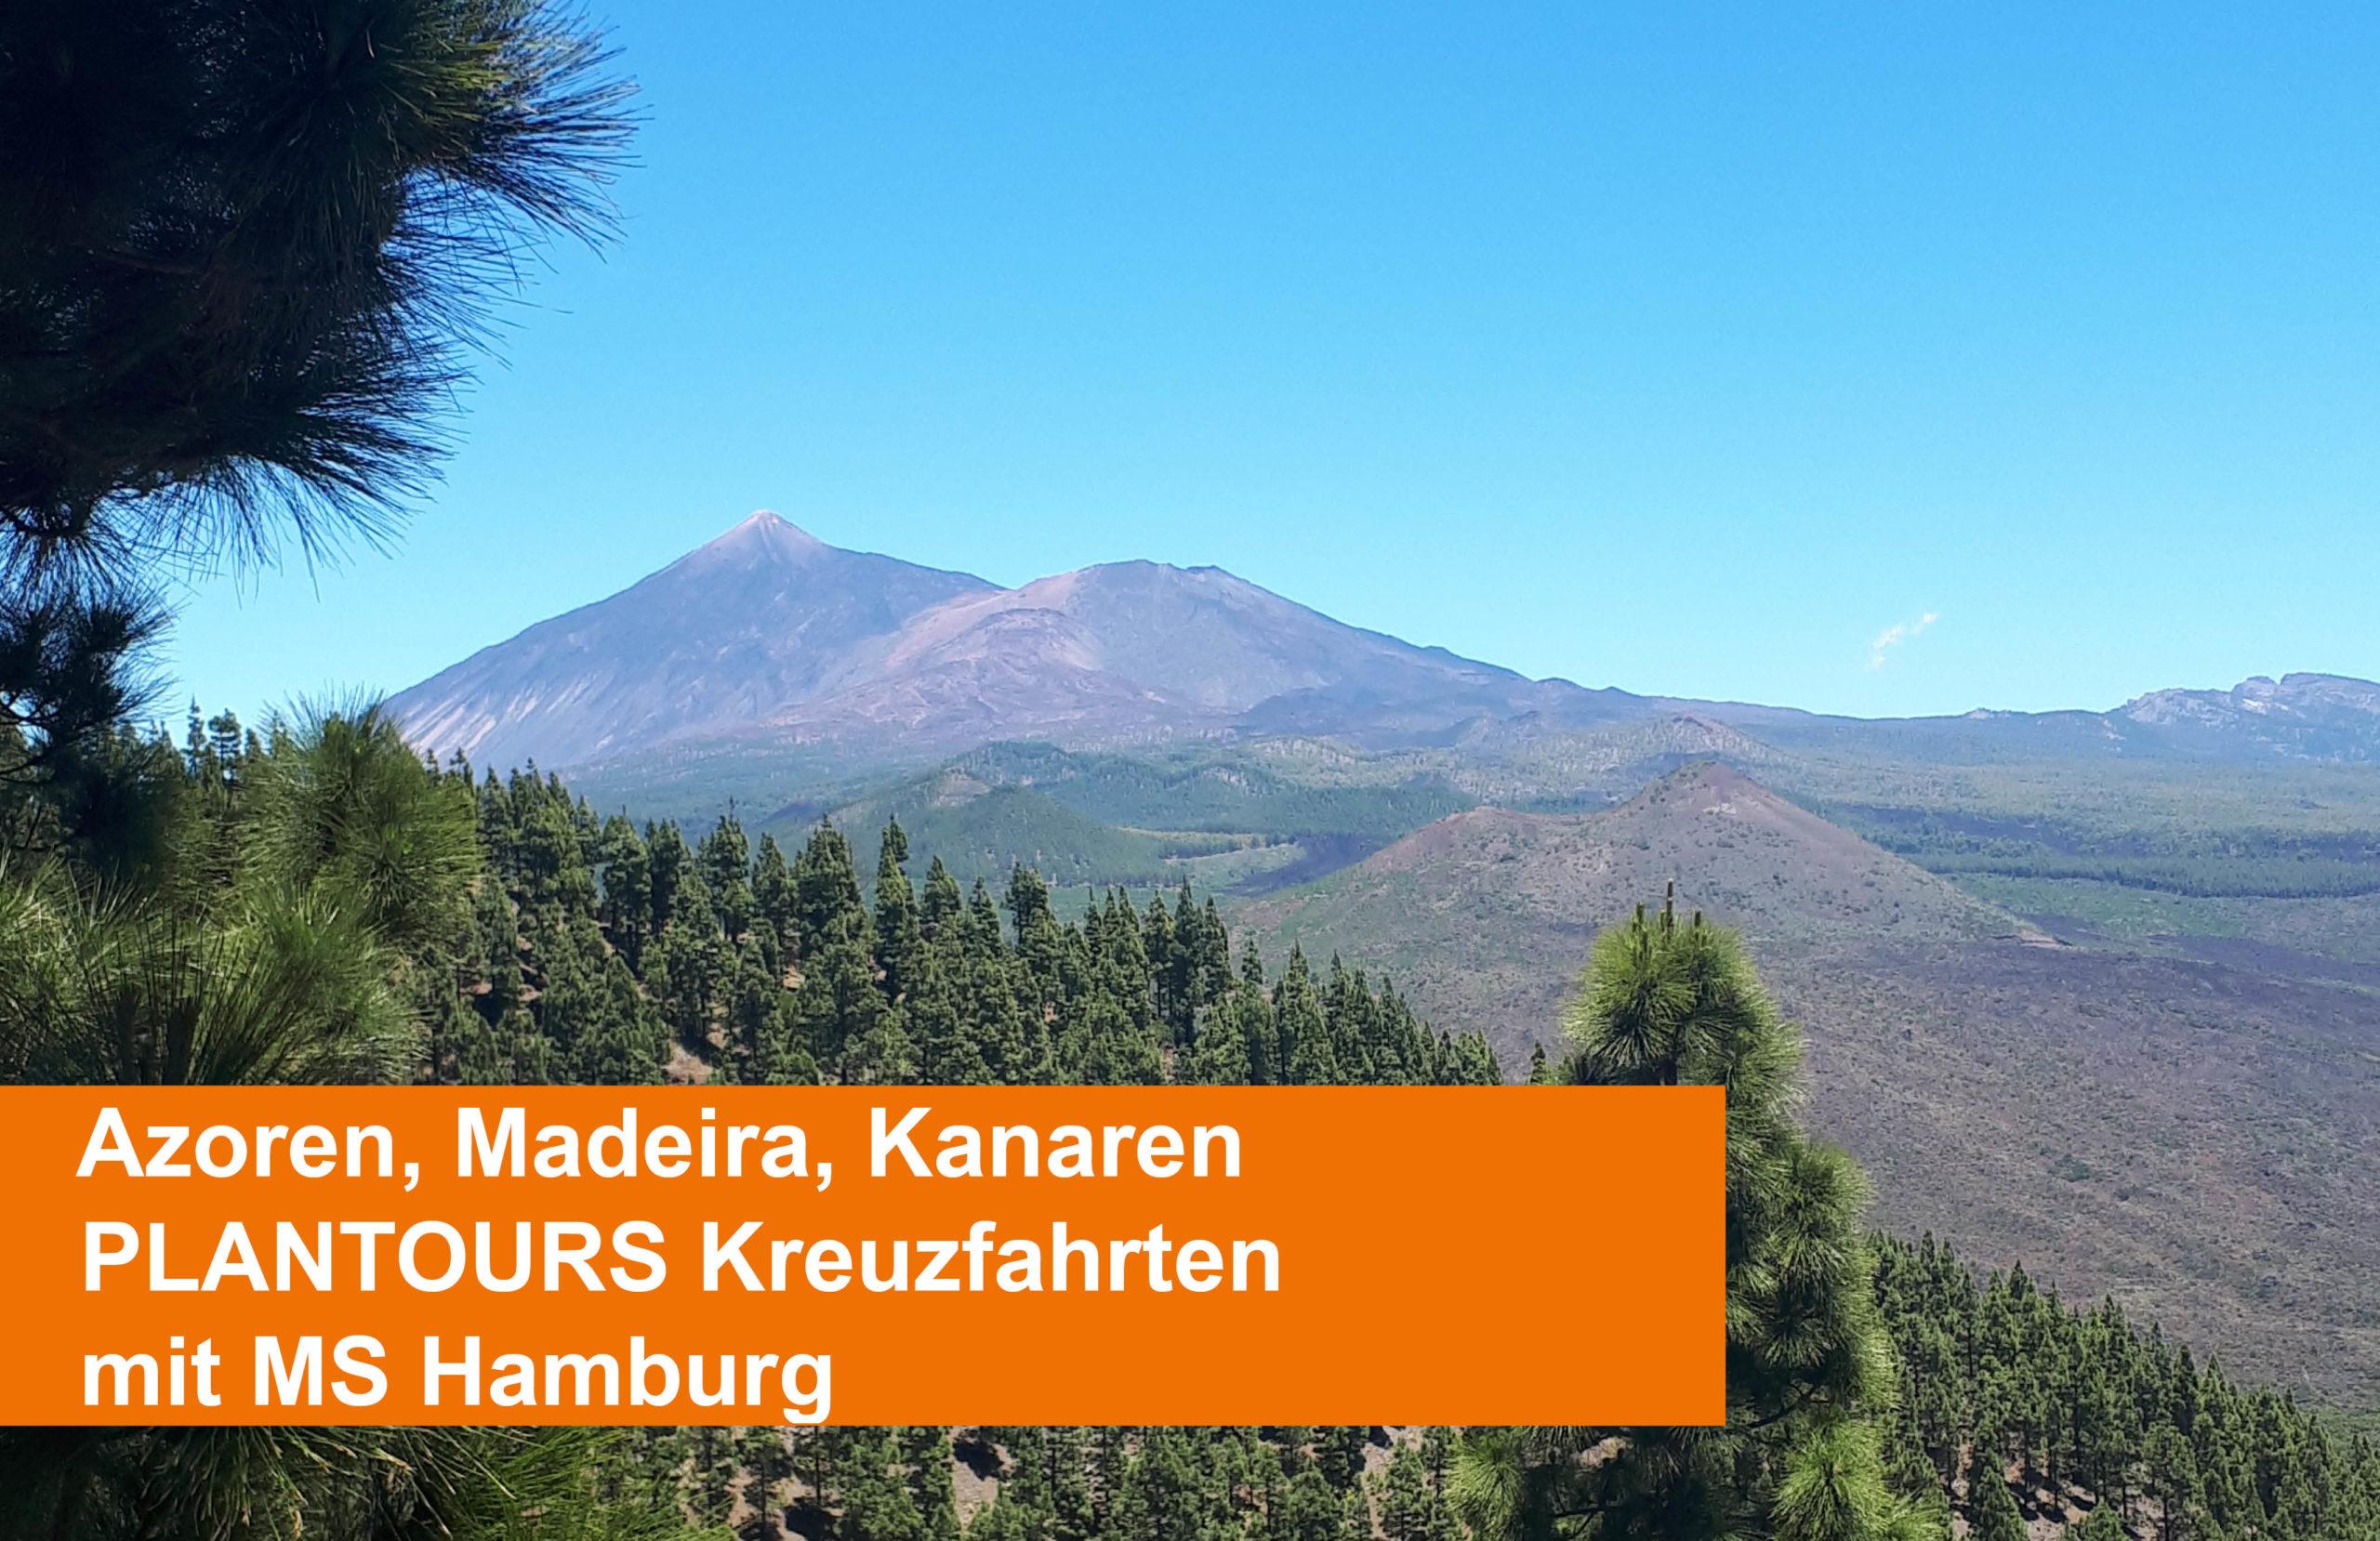 Wunderschöne Azoren, Kanaren & Madeira mit Plantours